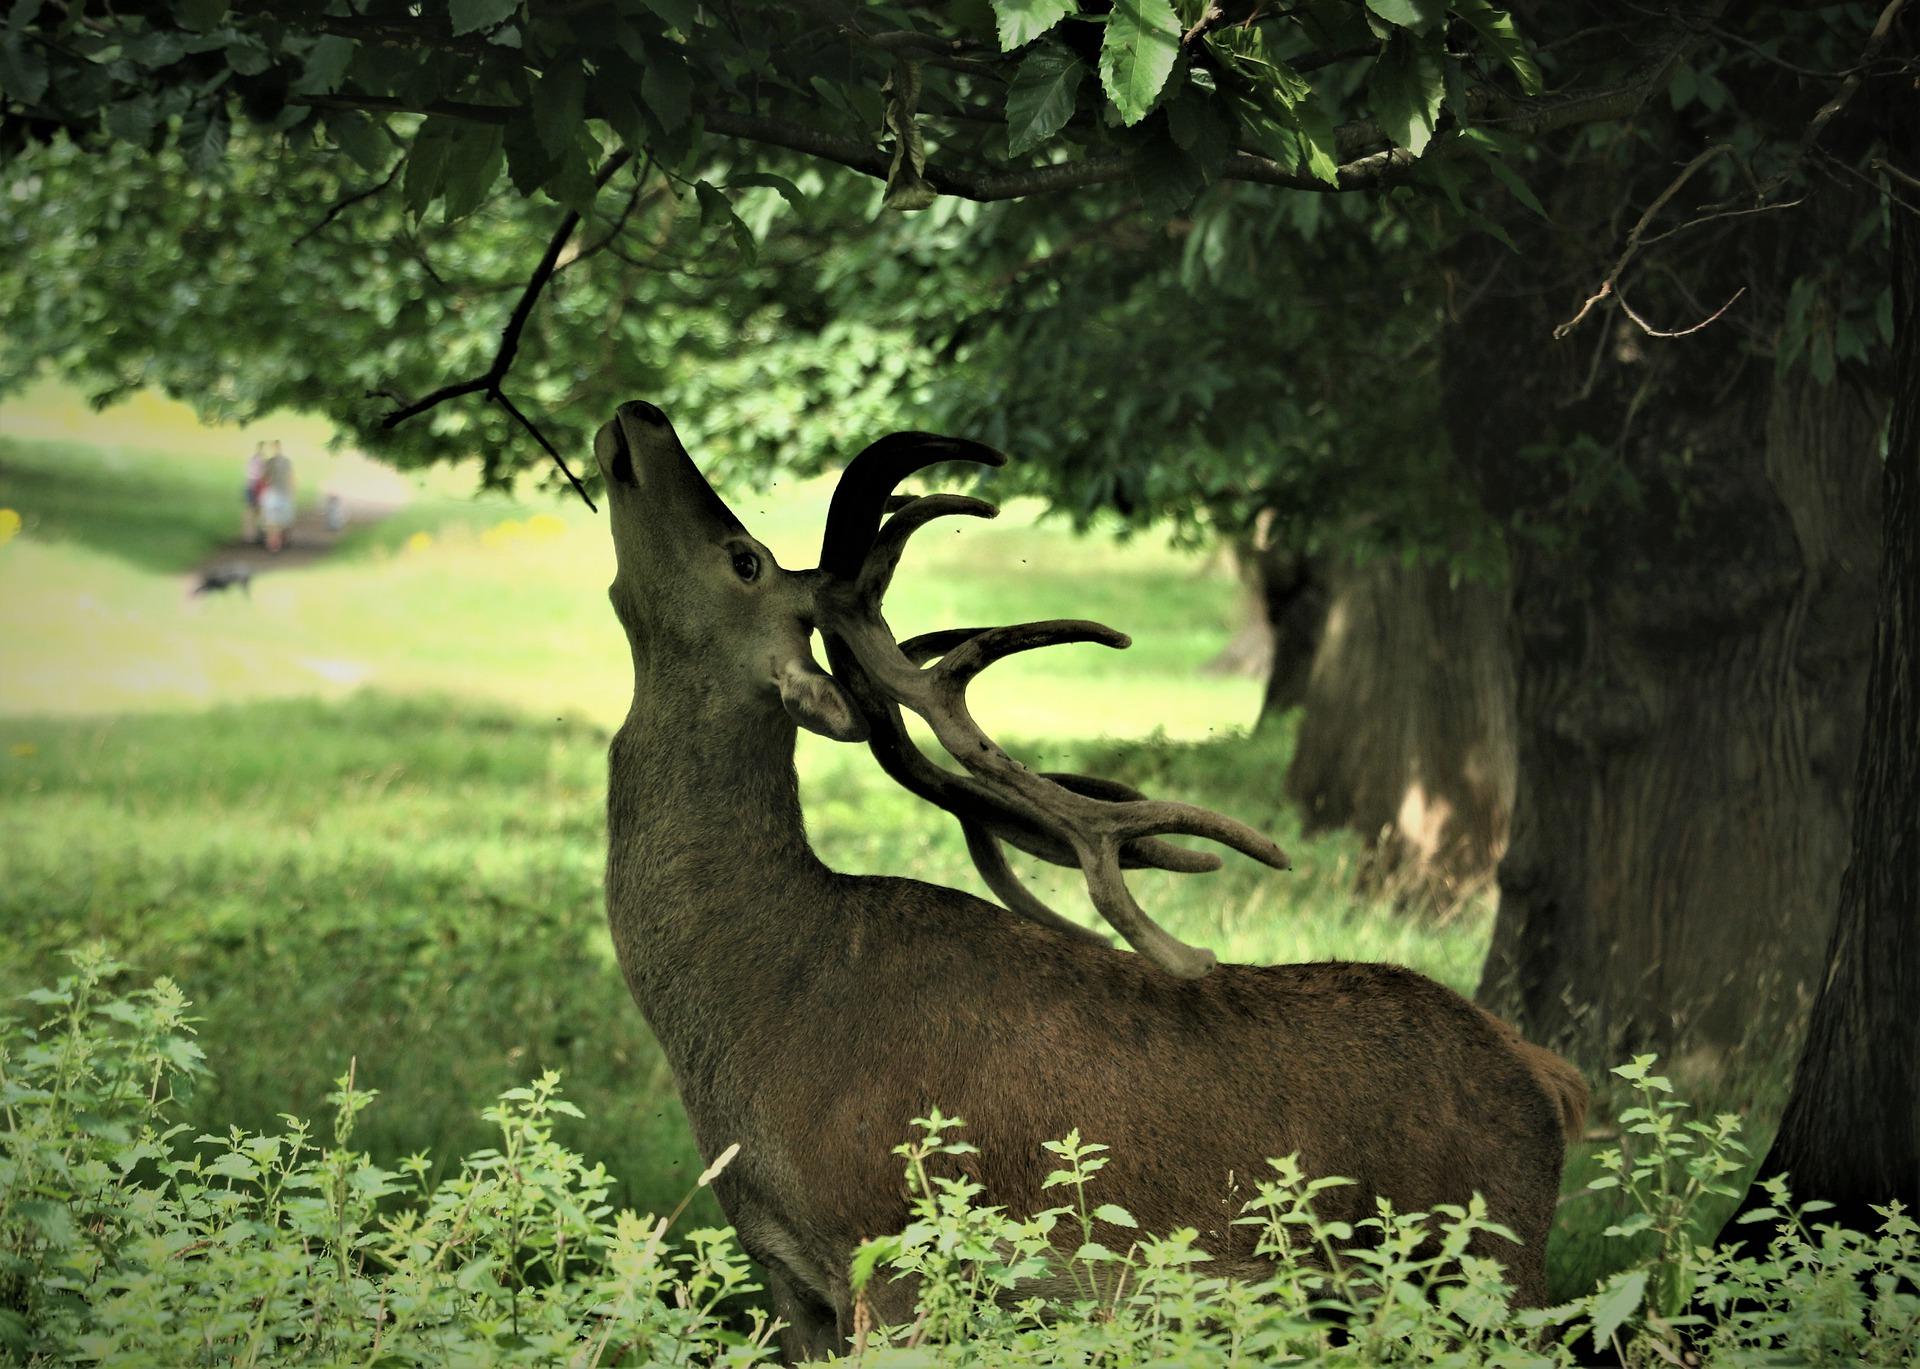 deer-4386713-1920.jpg